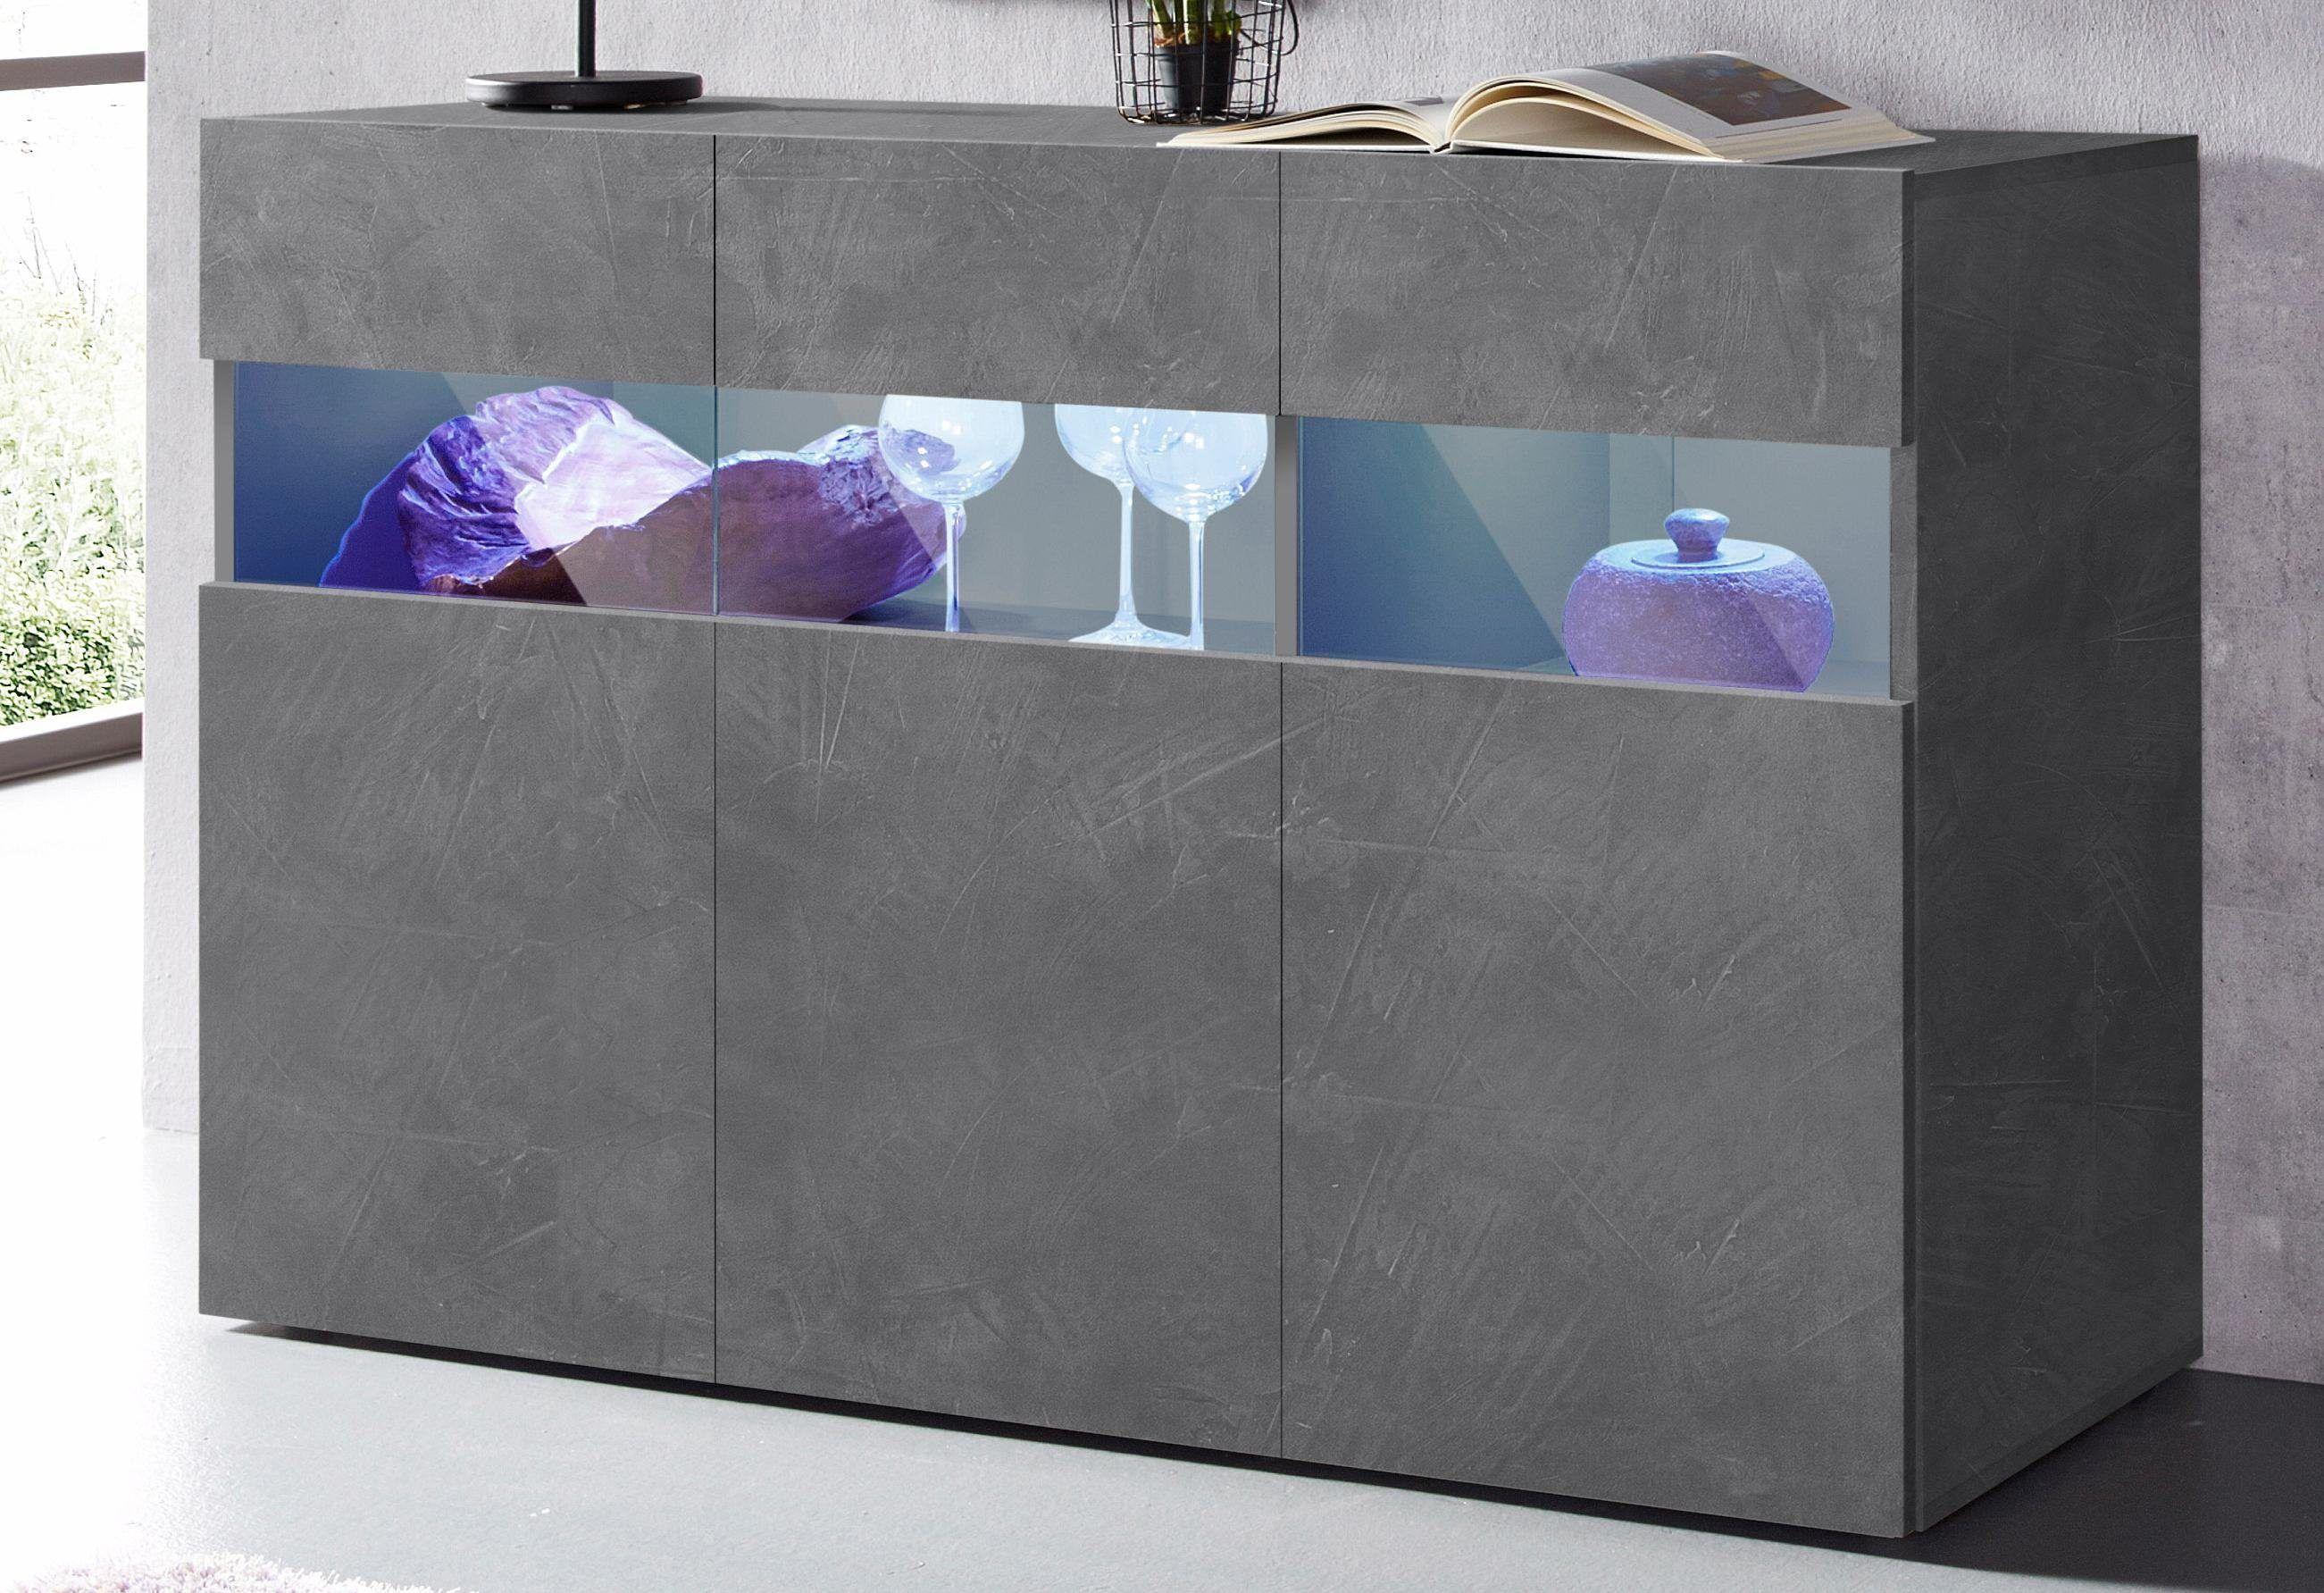 Sideboard Wohnzimmer ~ Tecnos sideboard grau hochglanz fronten fsc zertifiziert jetzt